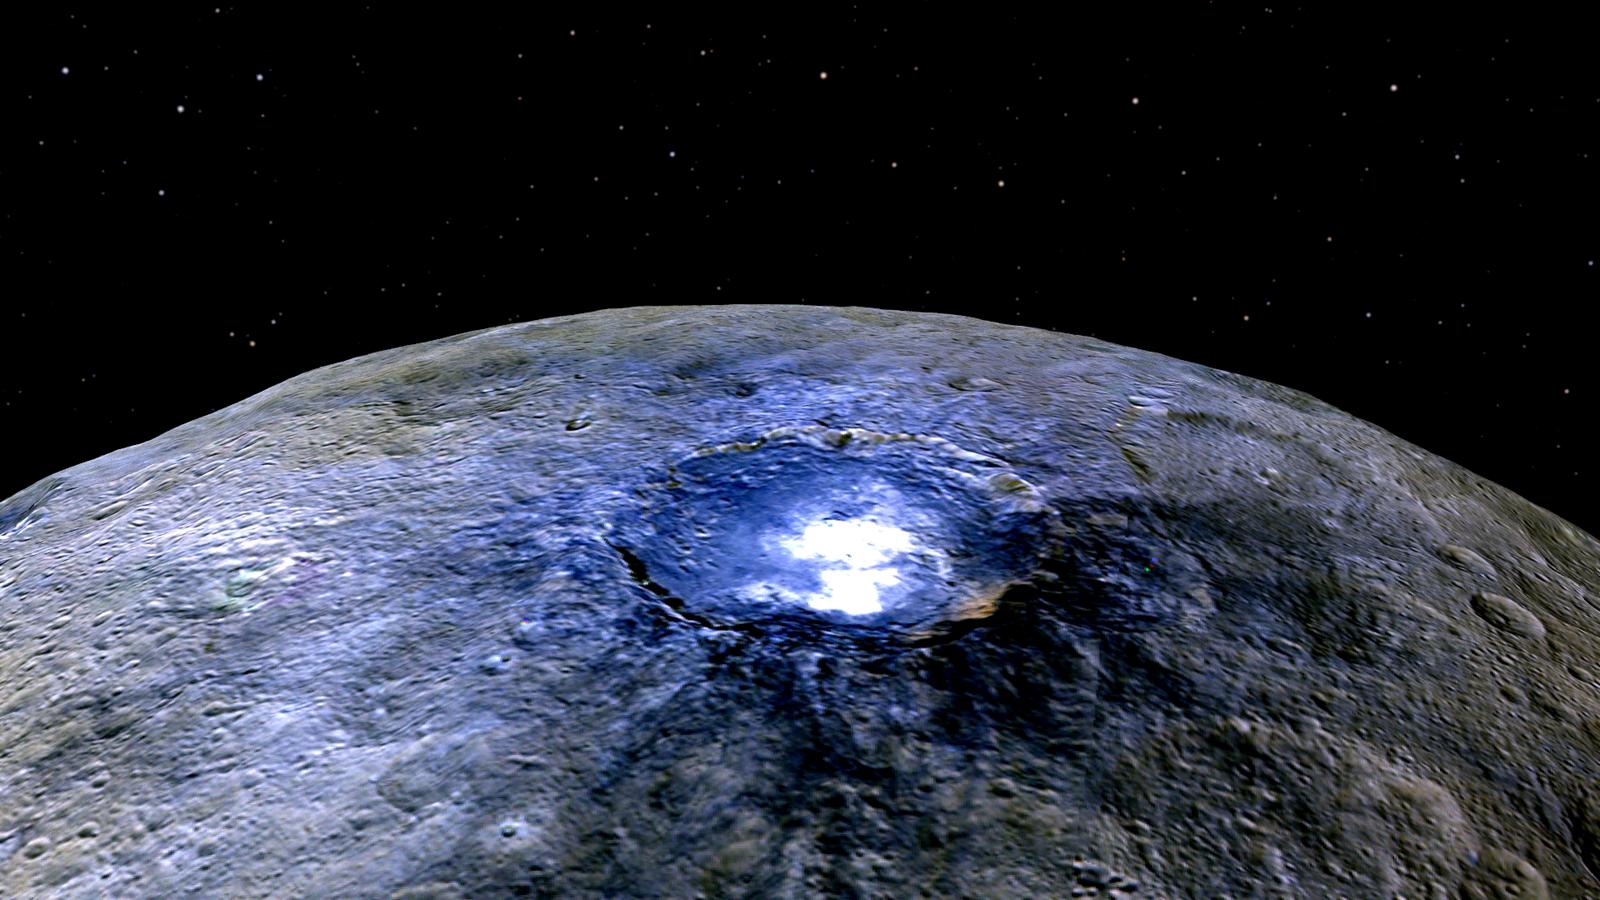 Les taches lumineuses sur la planète naine Cérès sont très probablement du sel